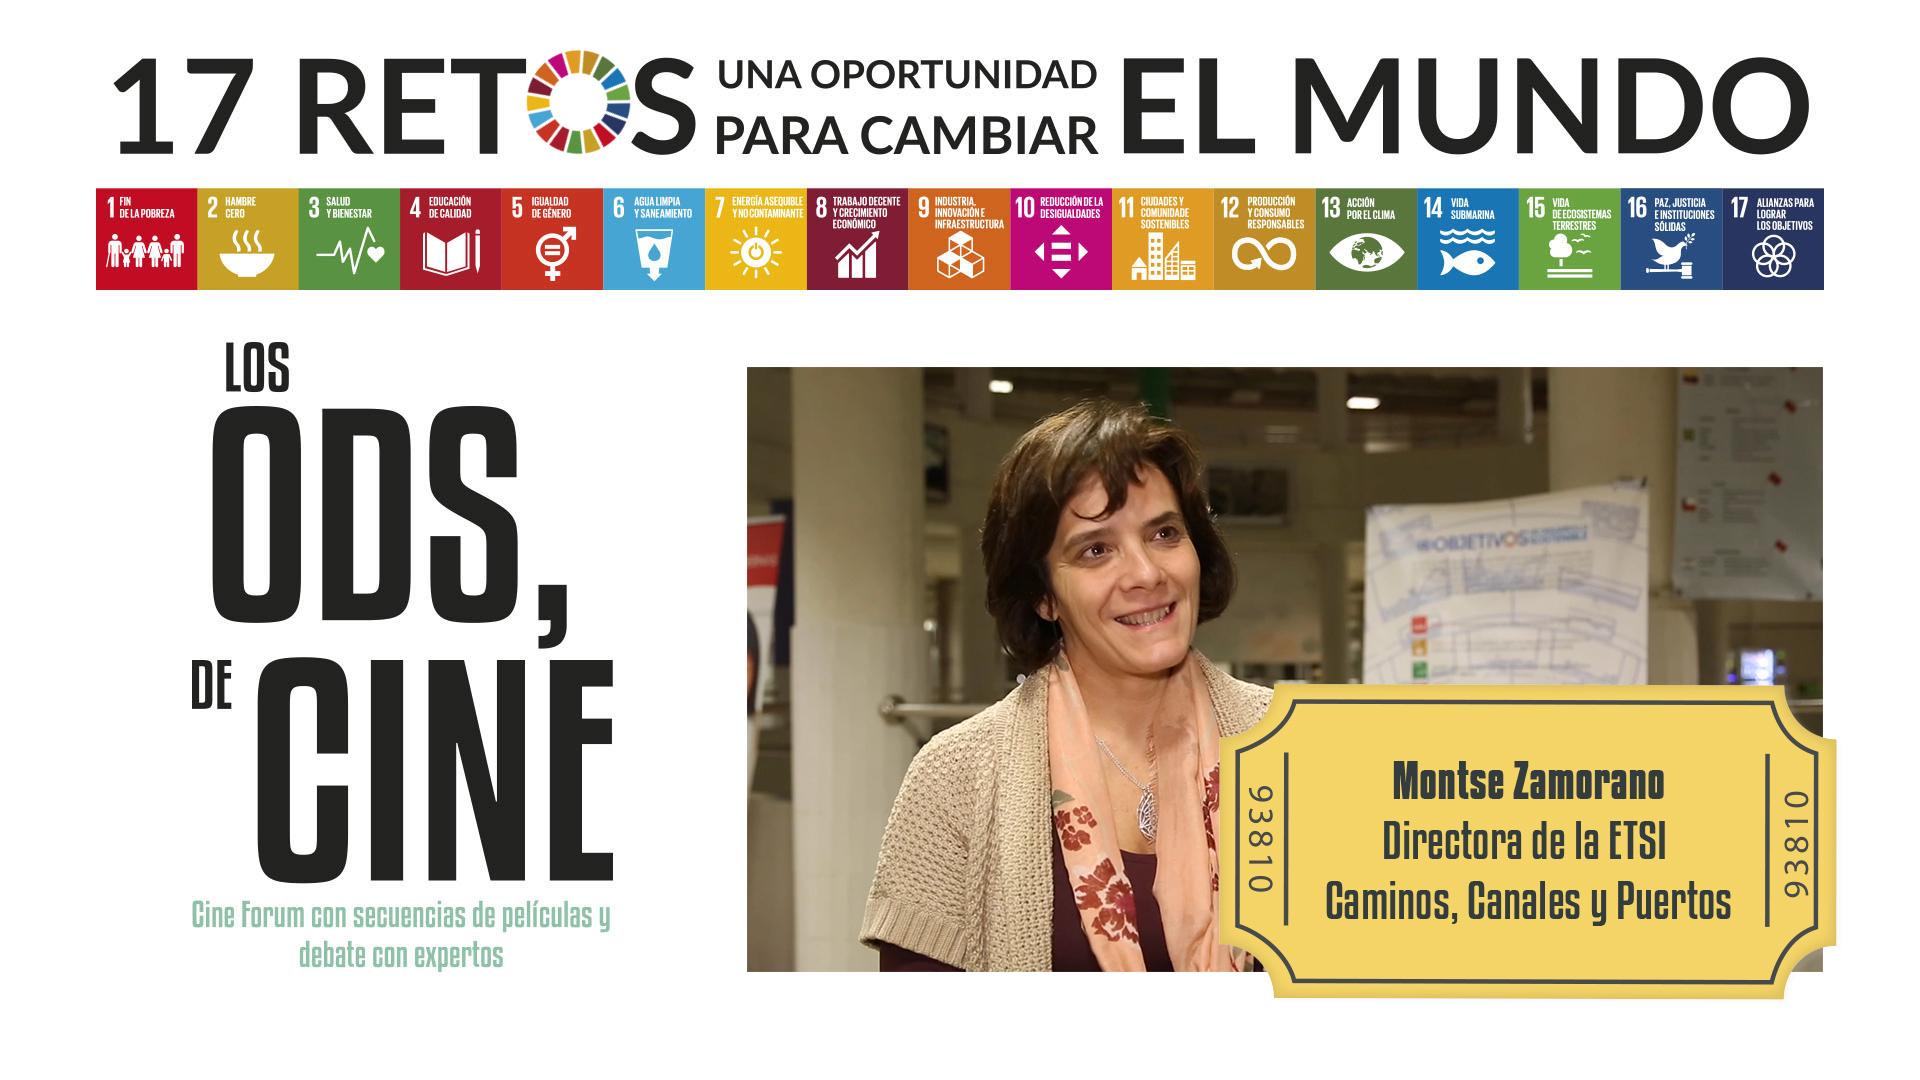 Montserrat Zamorano Toro,  Medalla de Andalucía al Mérito Medioambiental